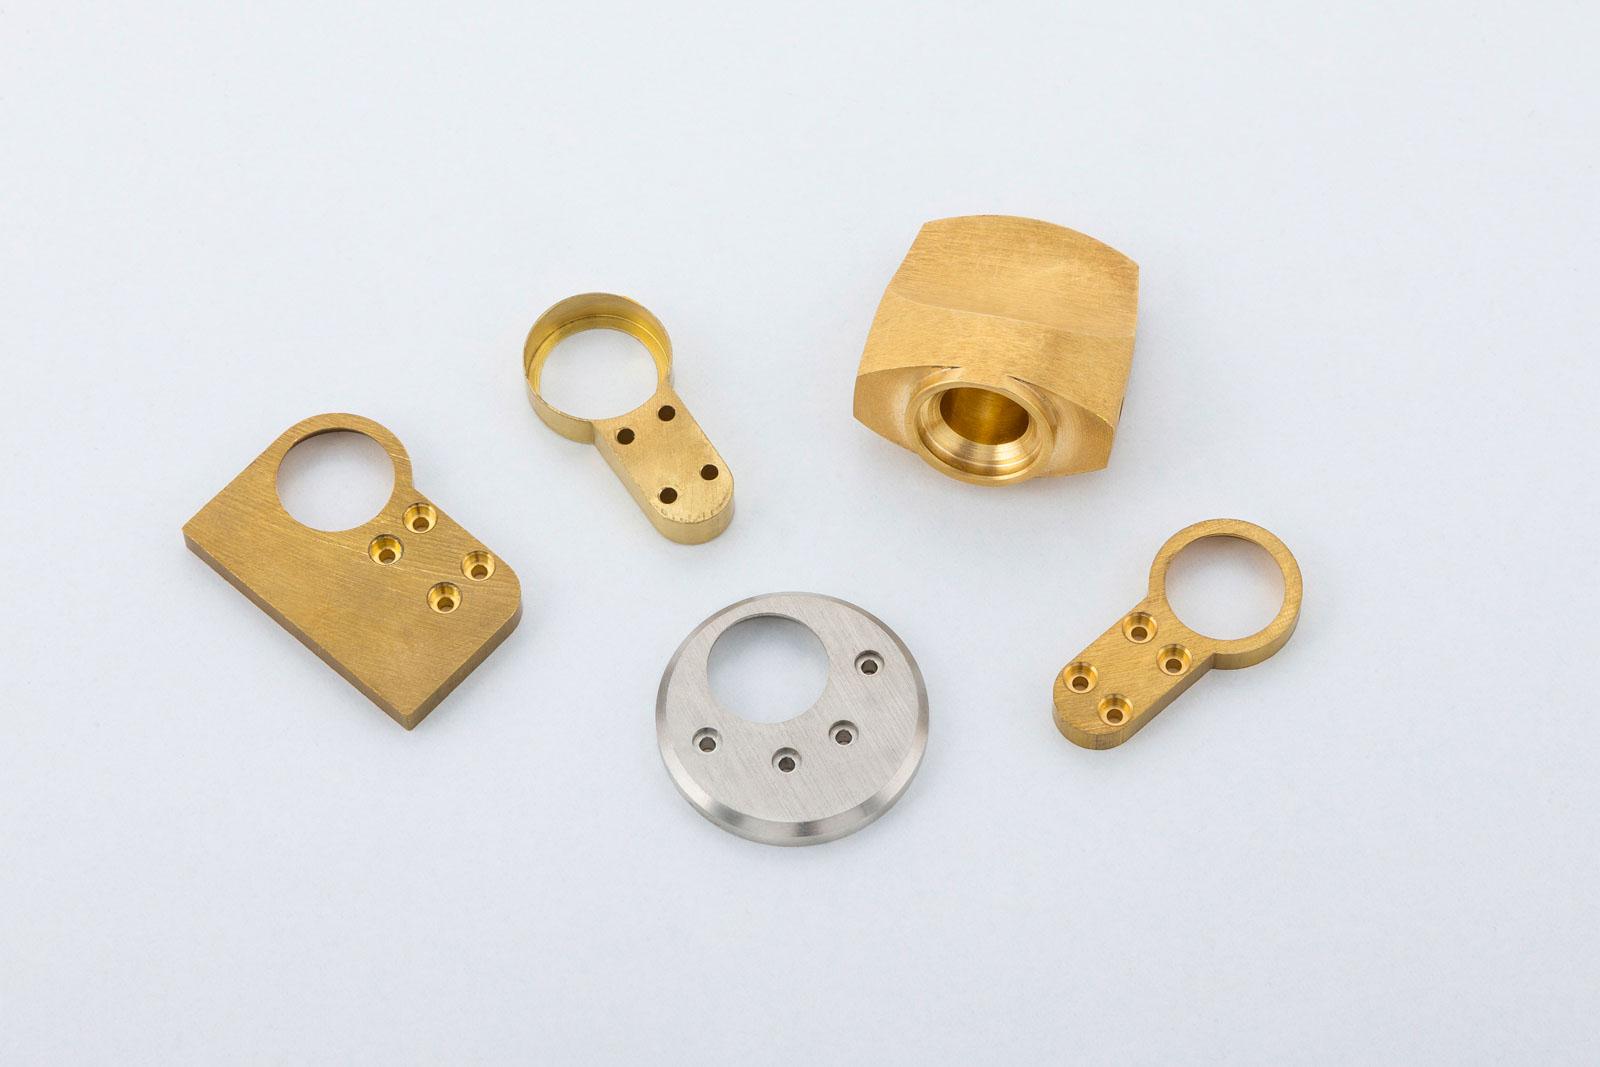 Schließtechnikteile produziert durch METUSAN TURNING GmbH